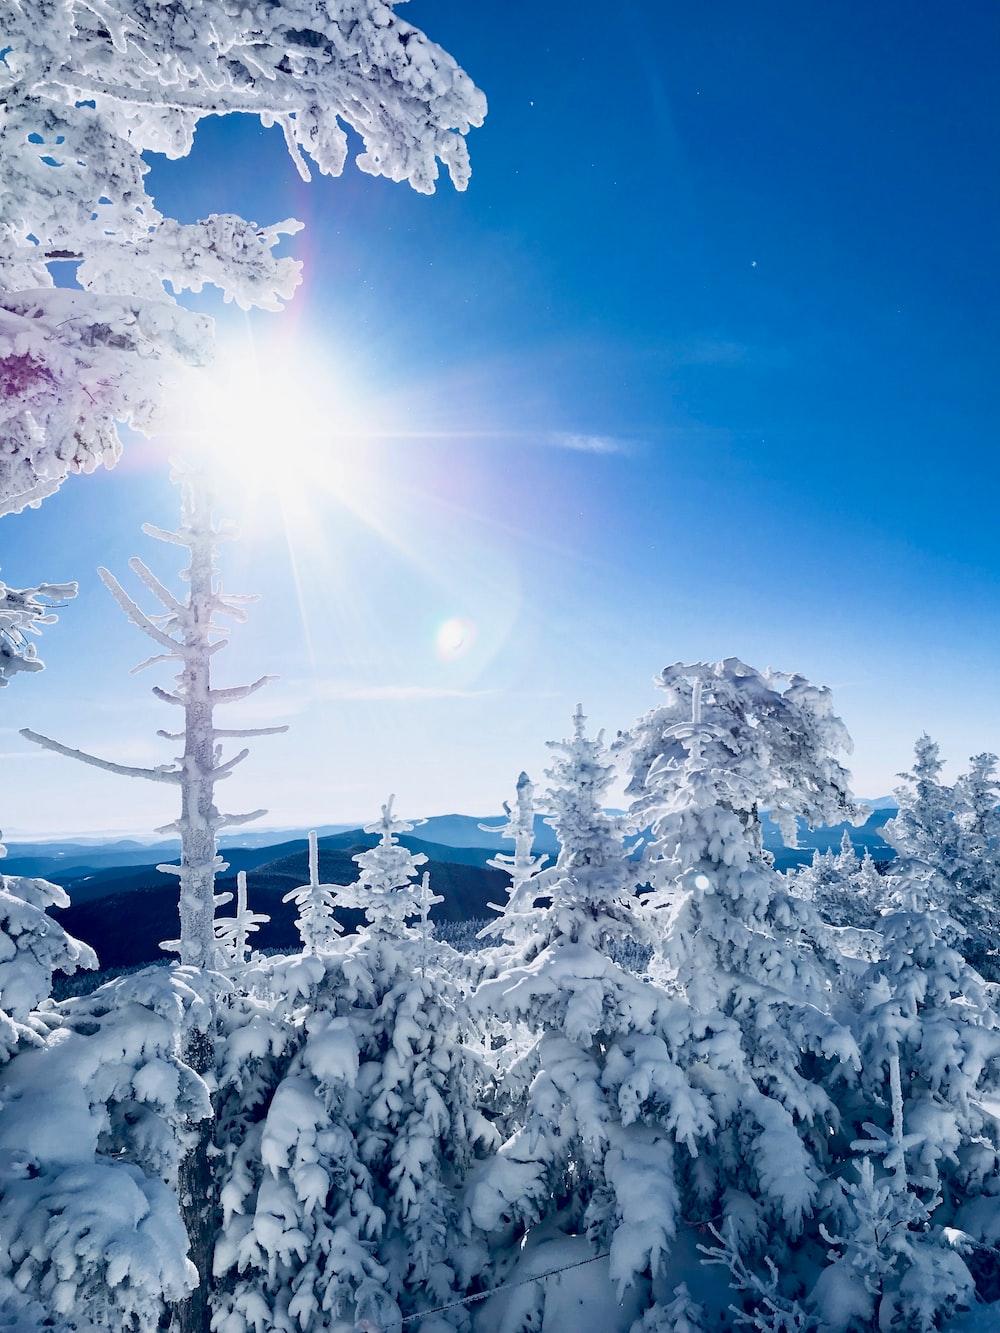 tundra trees under sun